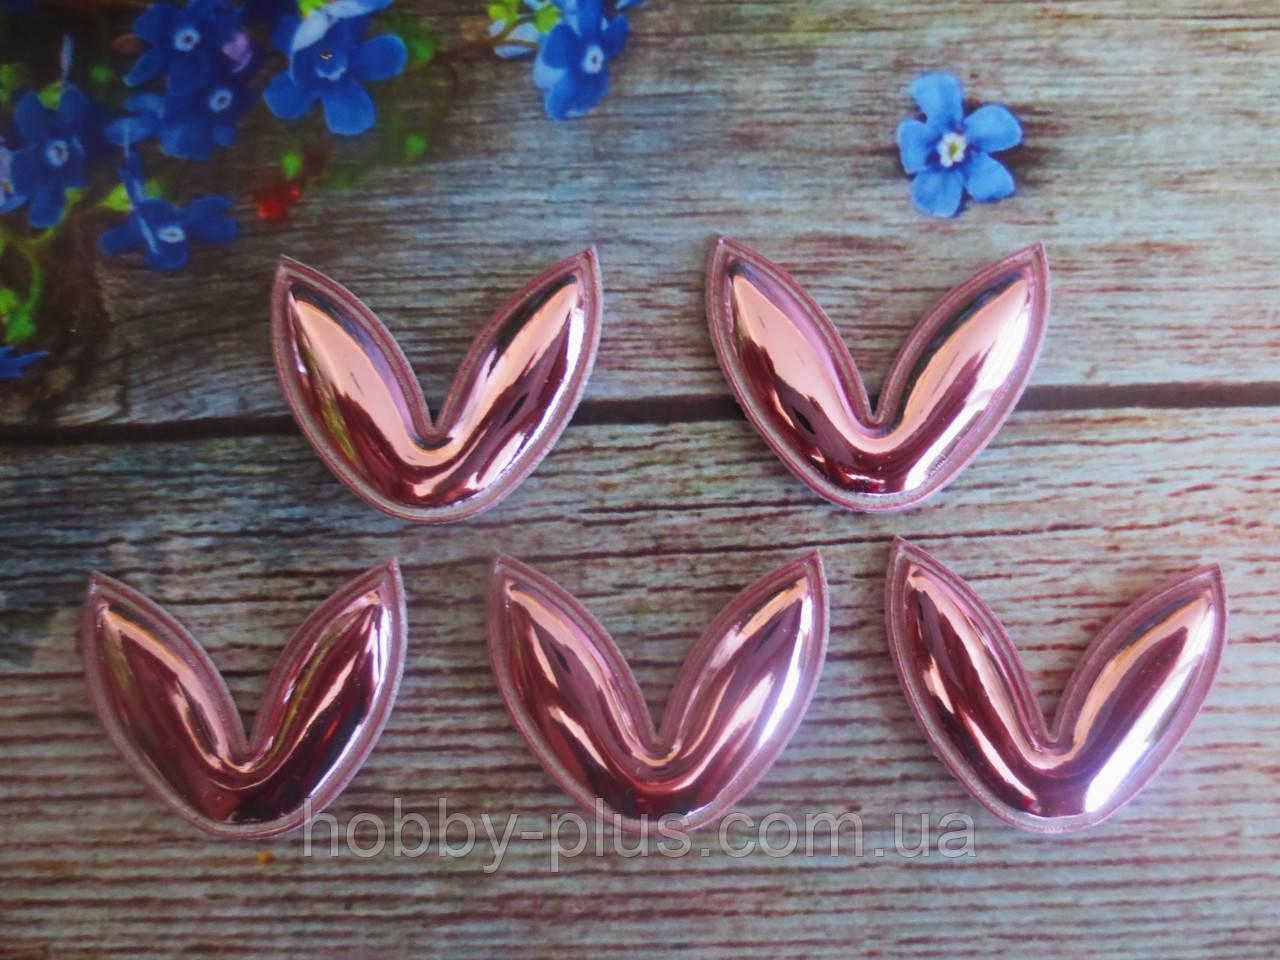 """Патчи """"Ушки"""", цвет розовый, 31х35 мм, 1 шт."""